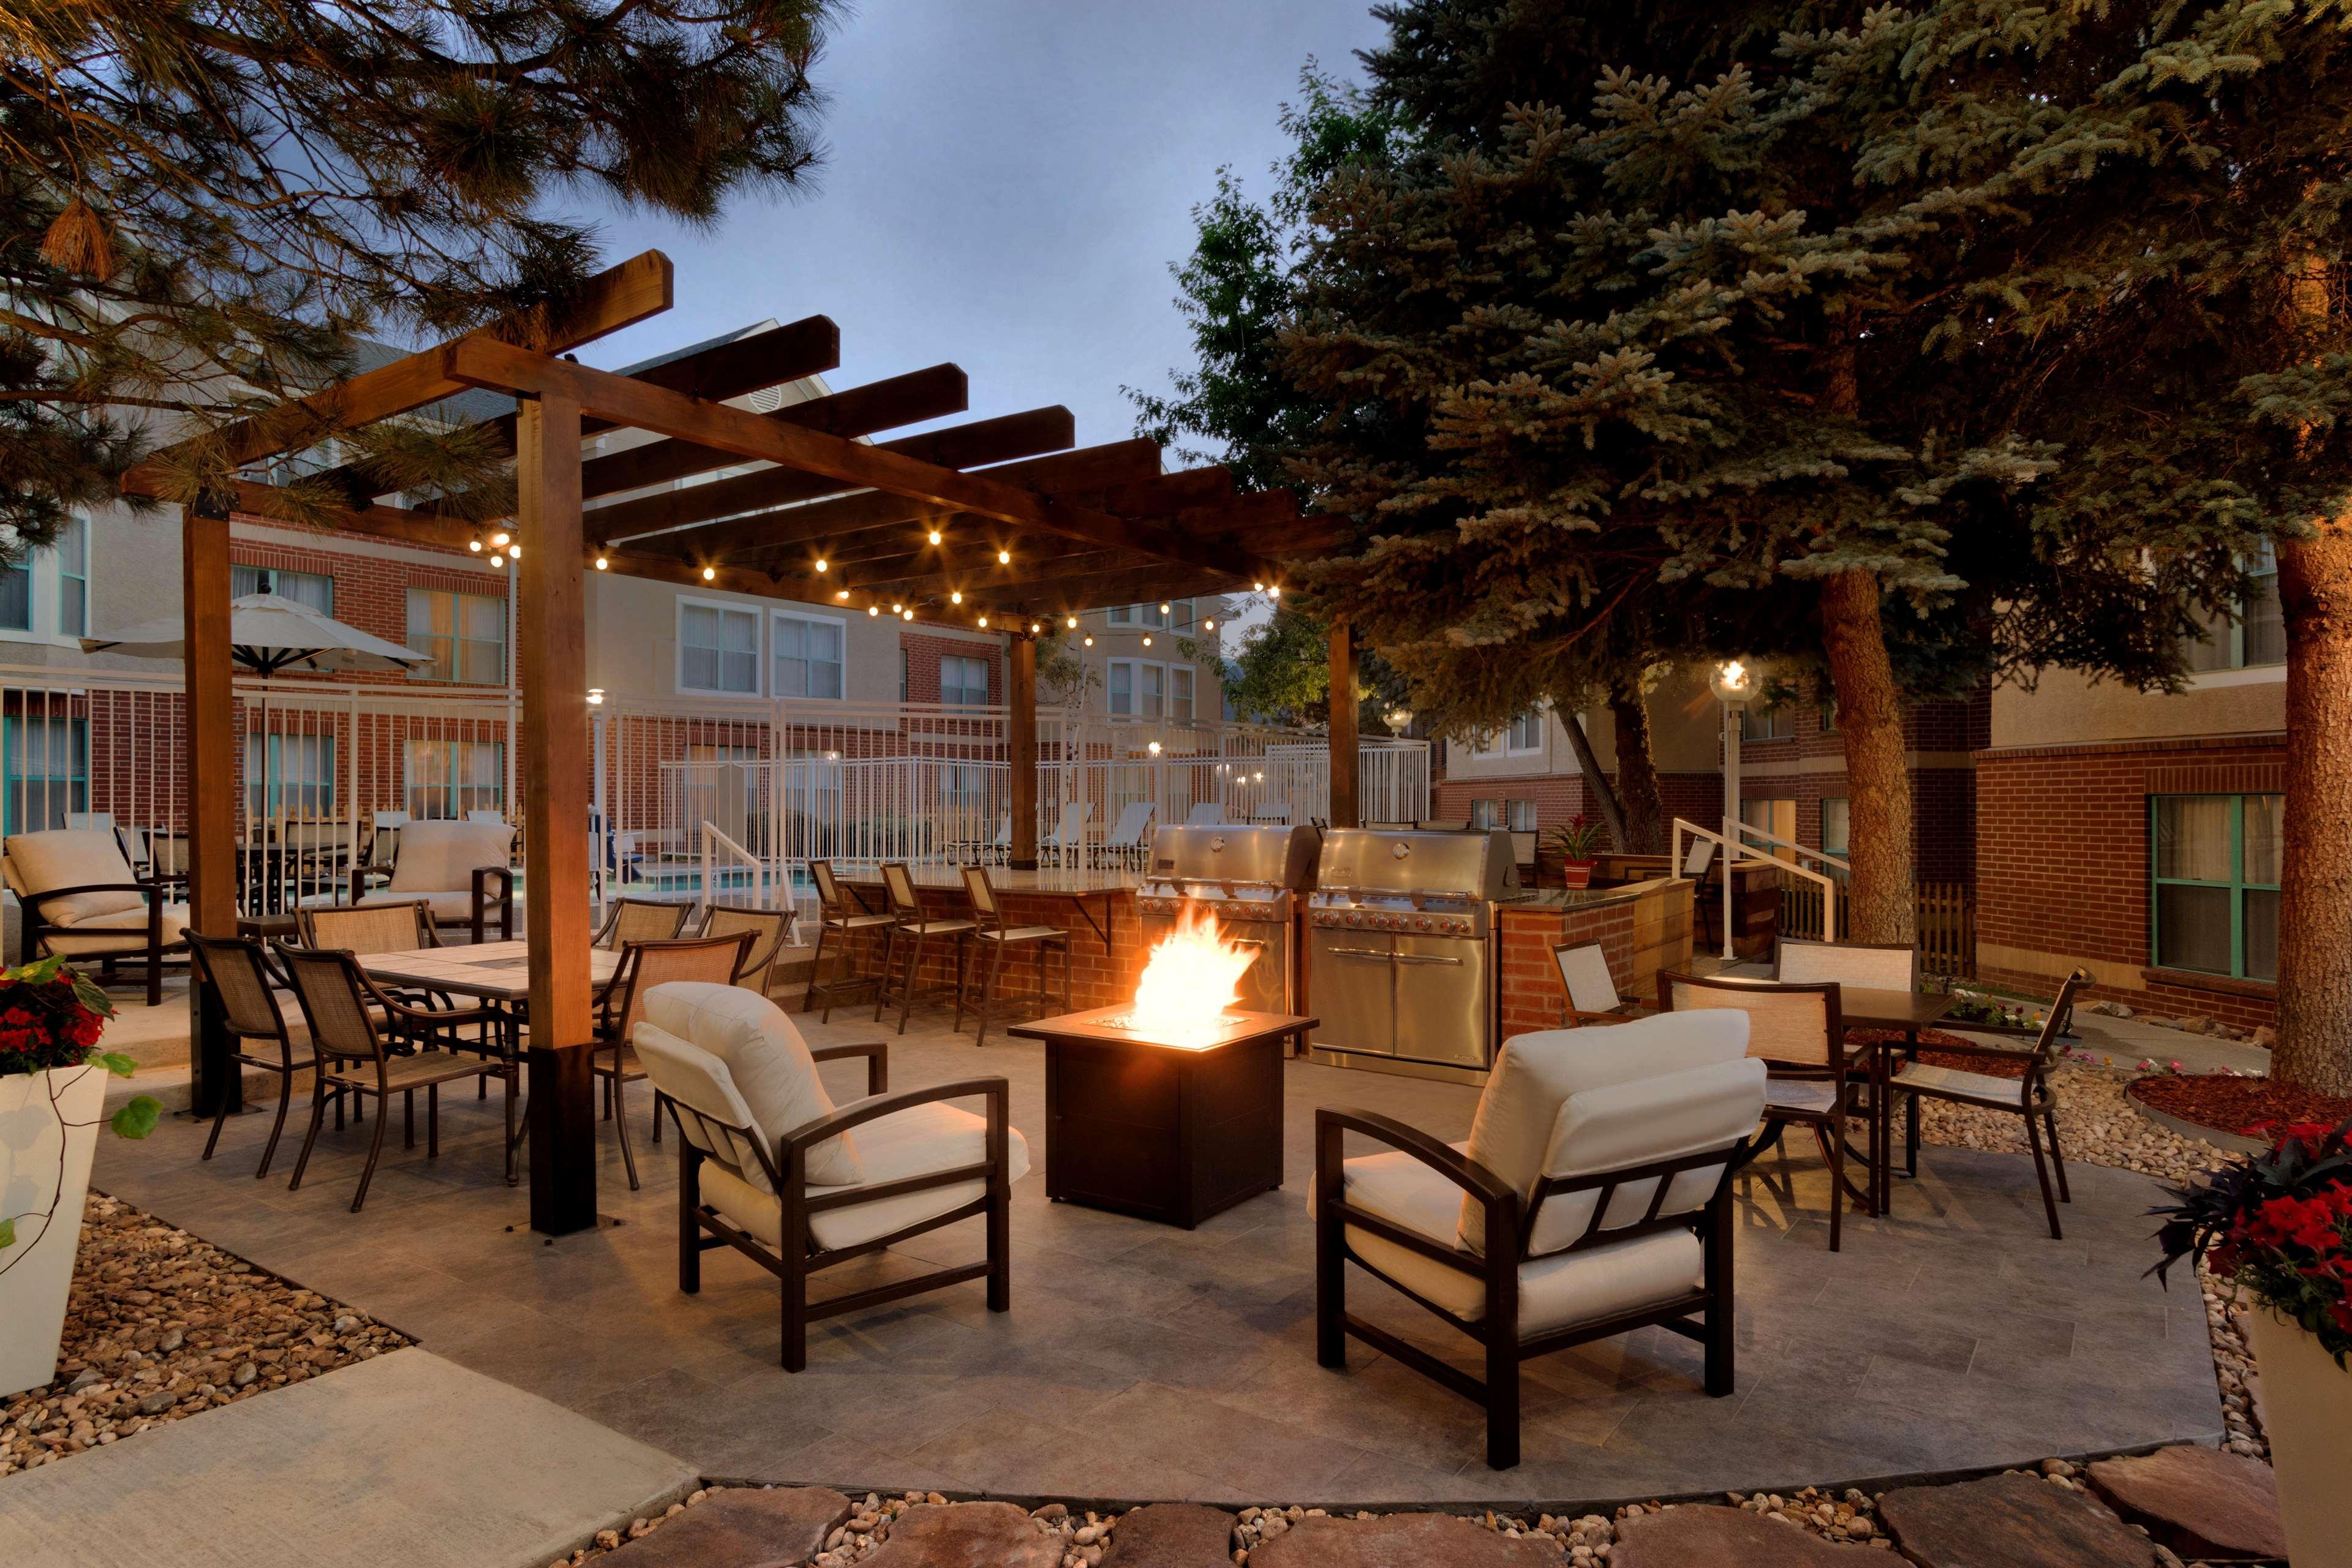 Homewood Suites by Hilton - Boulder image 0